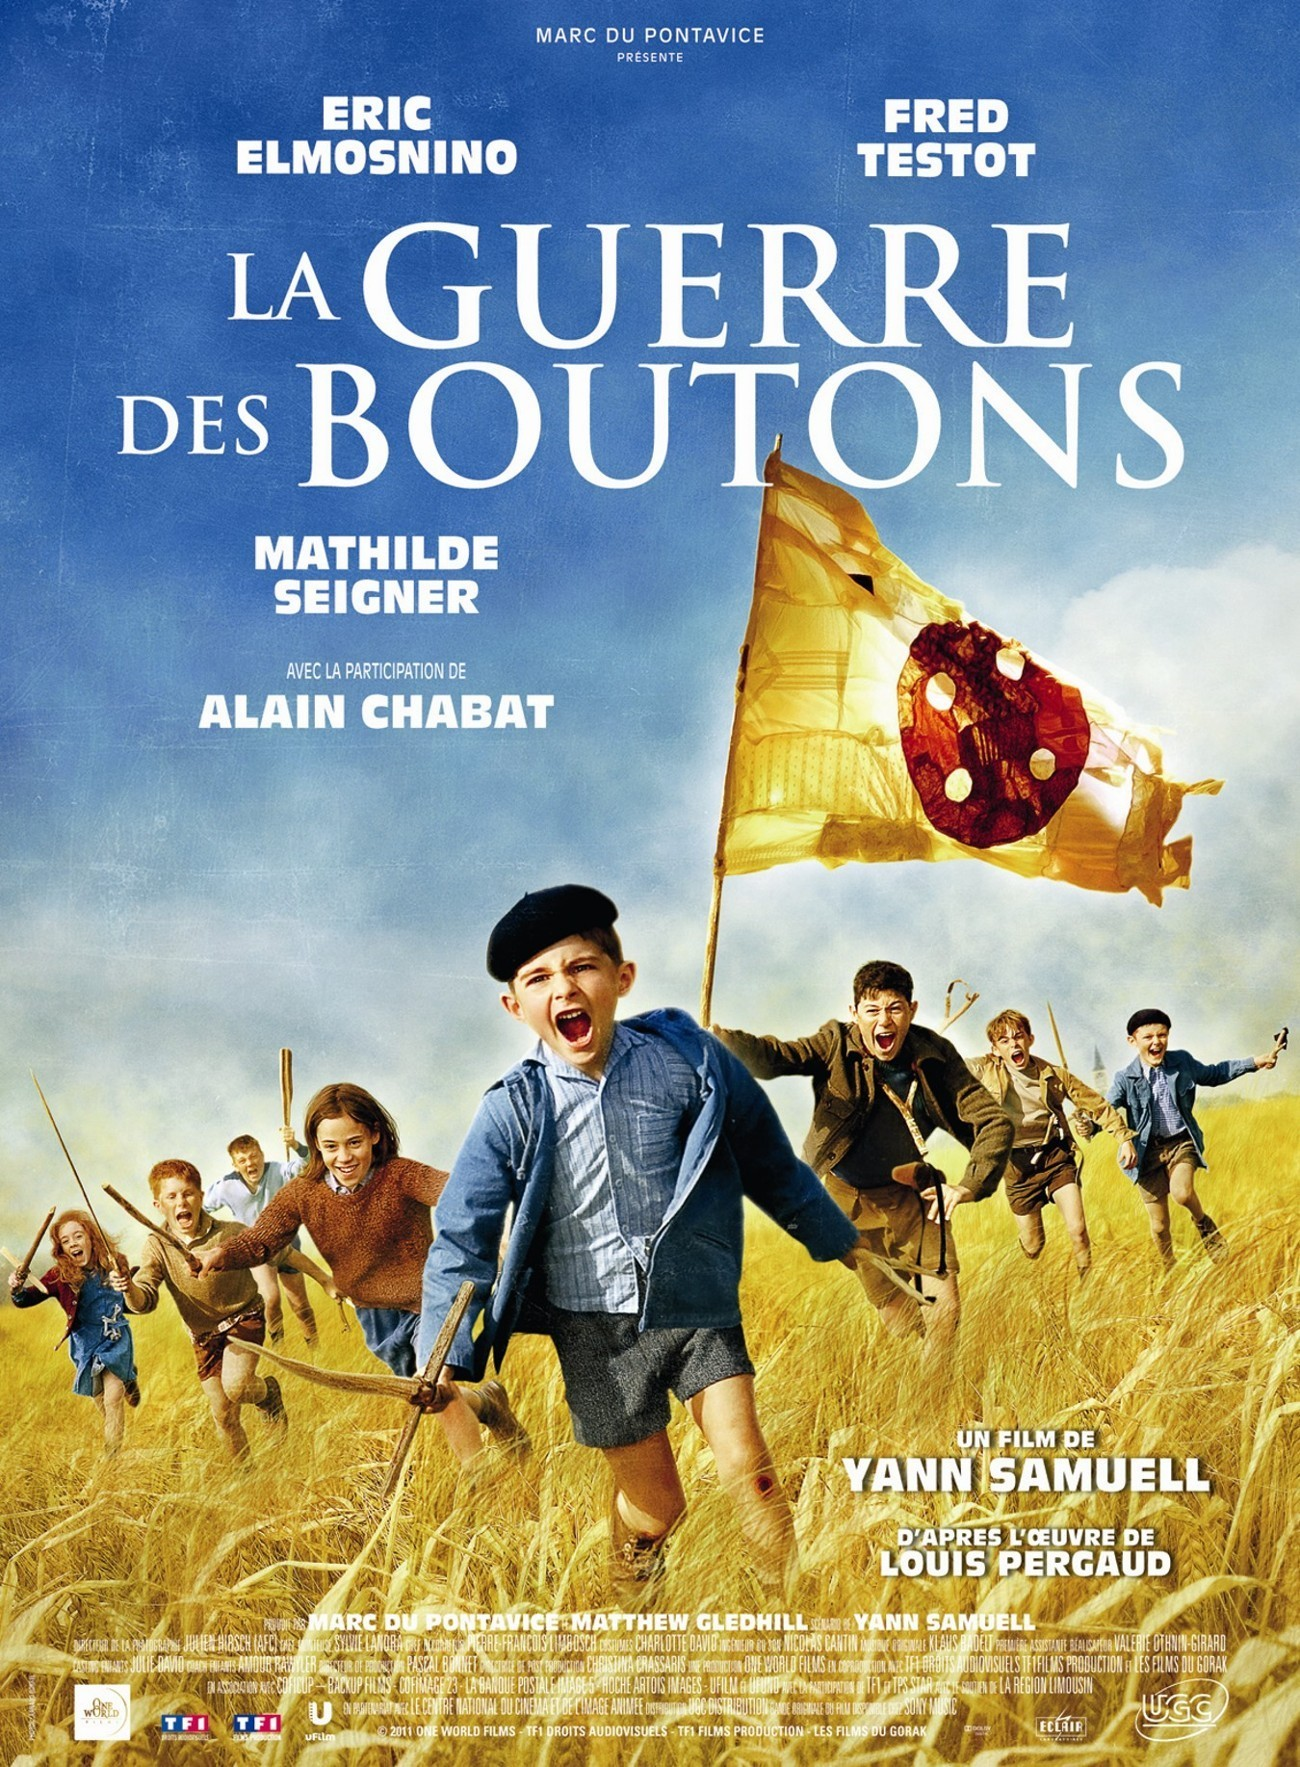 affiche du film La Guerre des boutons (2011)